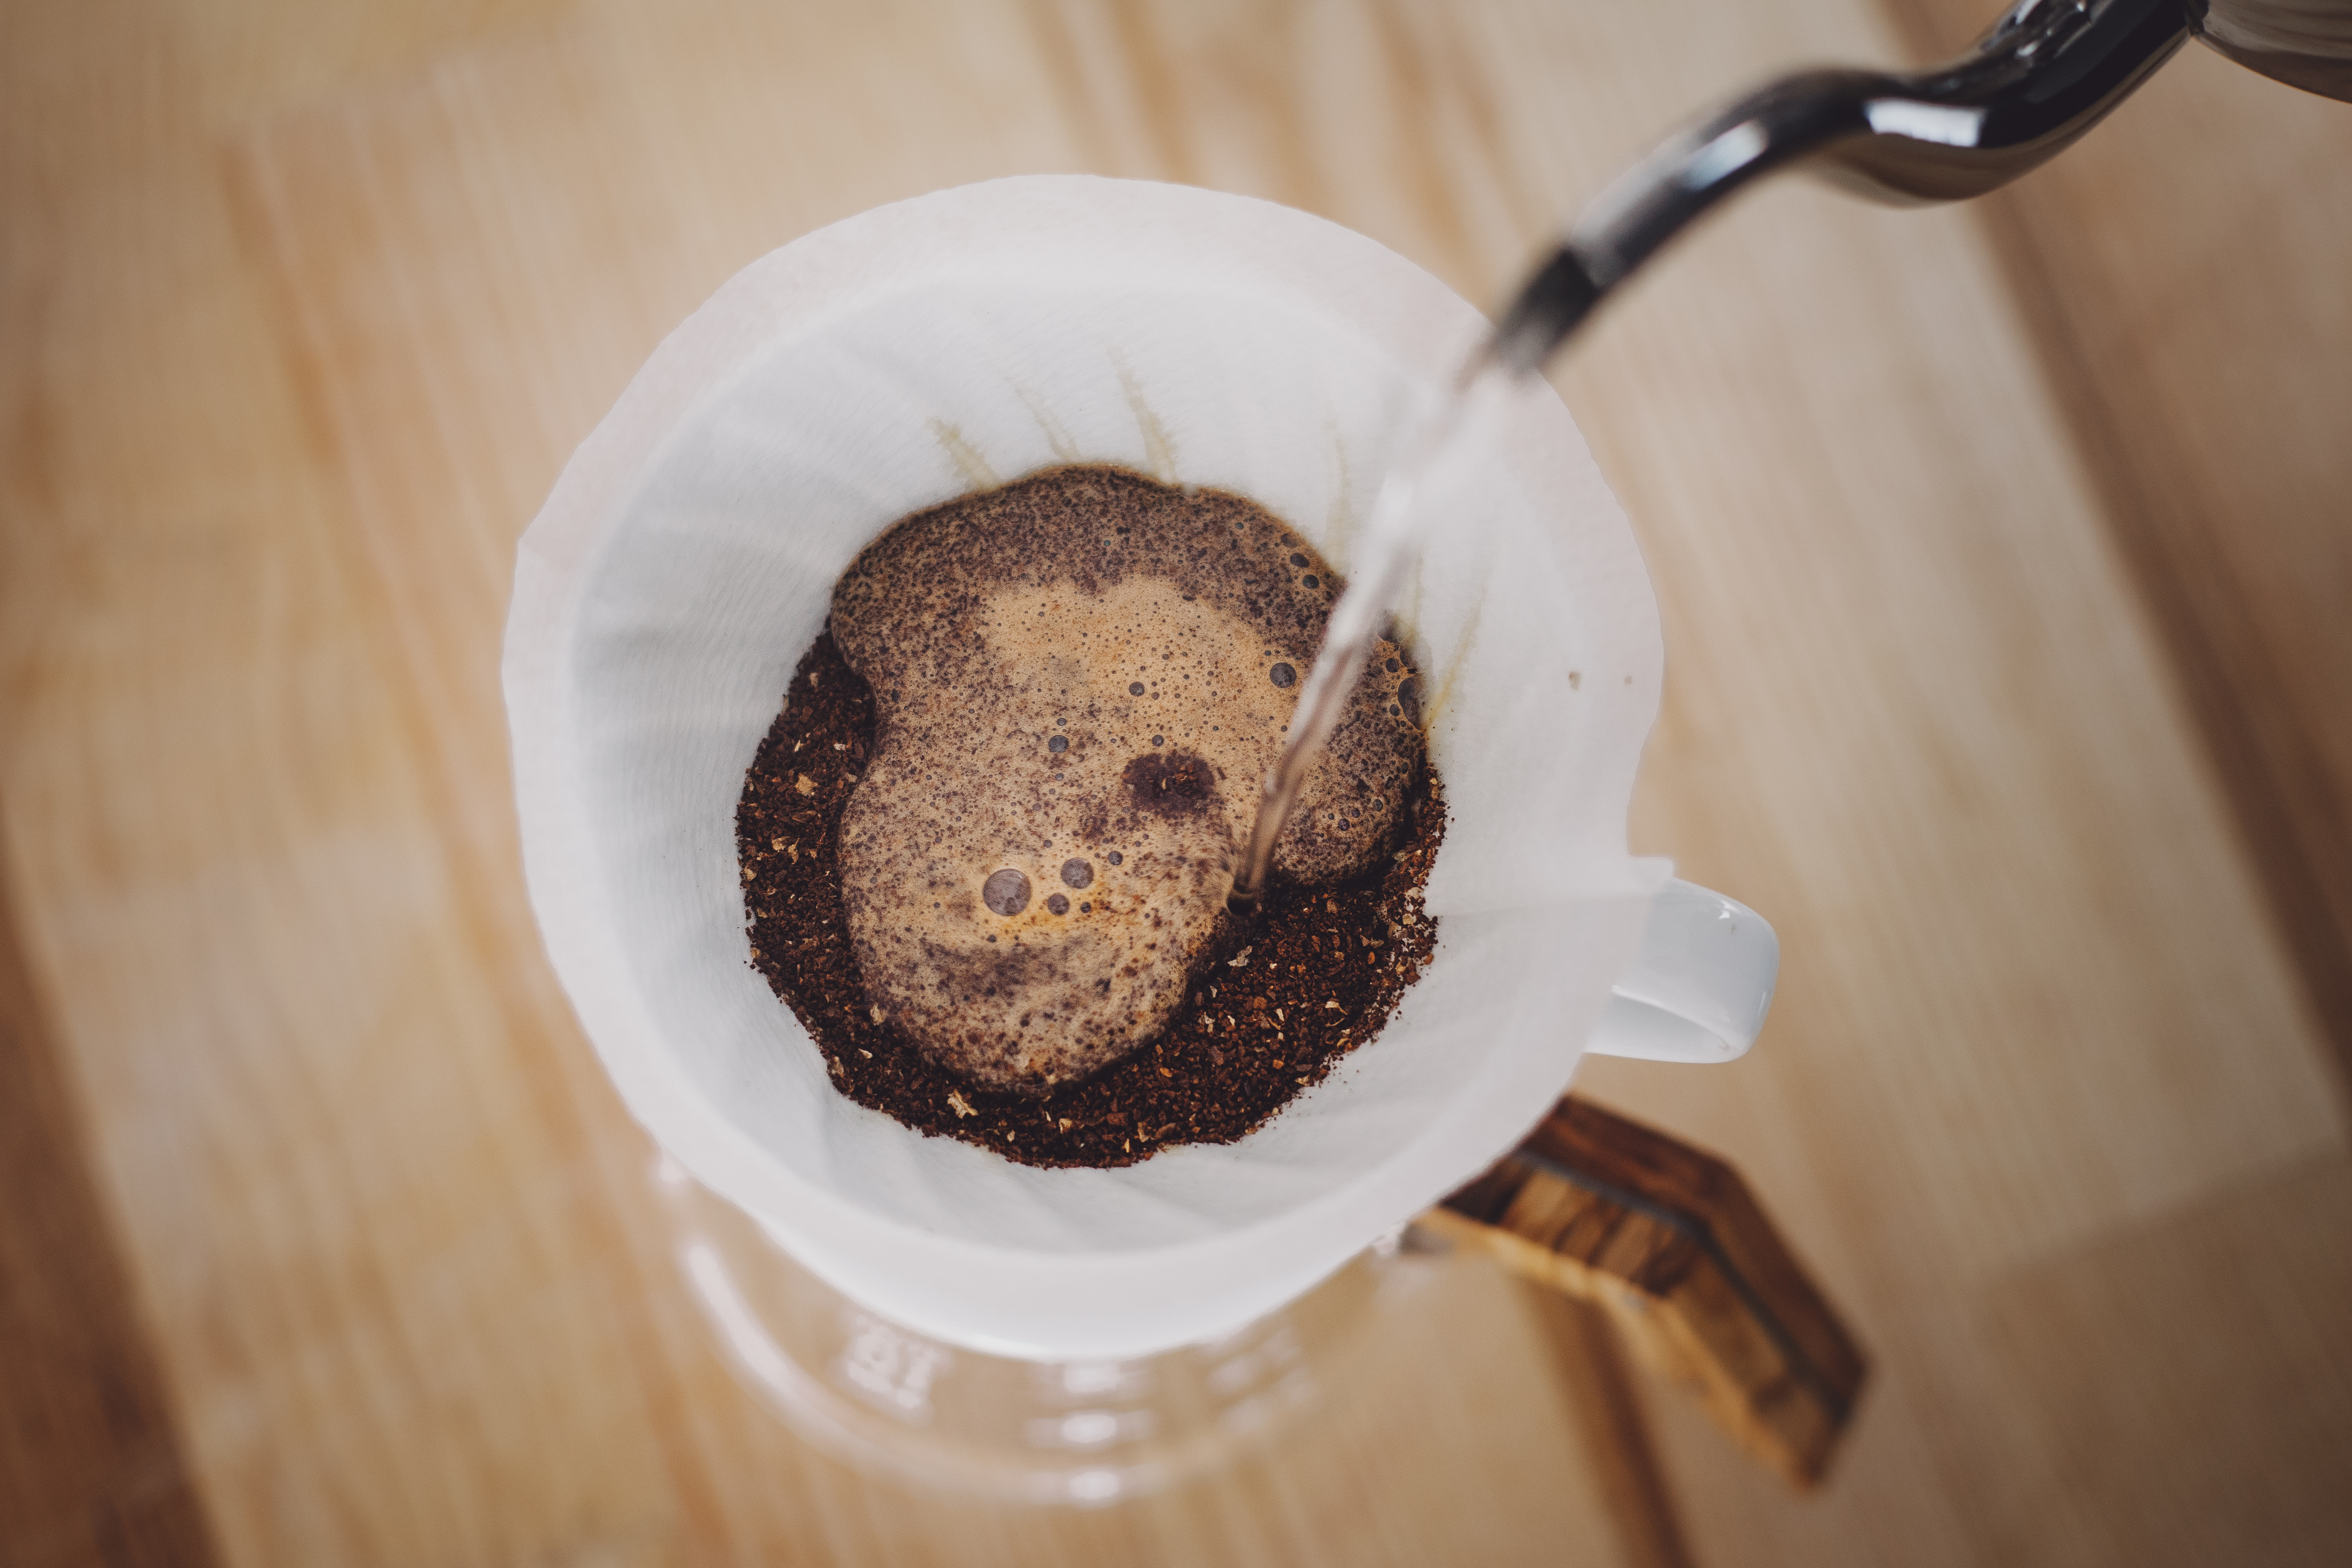 Feuchte das im Porzellanfilter befindliche Kaffeepulver nun zunächst mit einer kleinen Menge Wasser an.